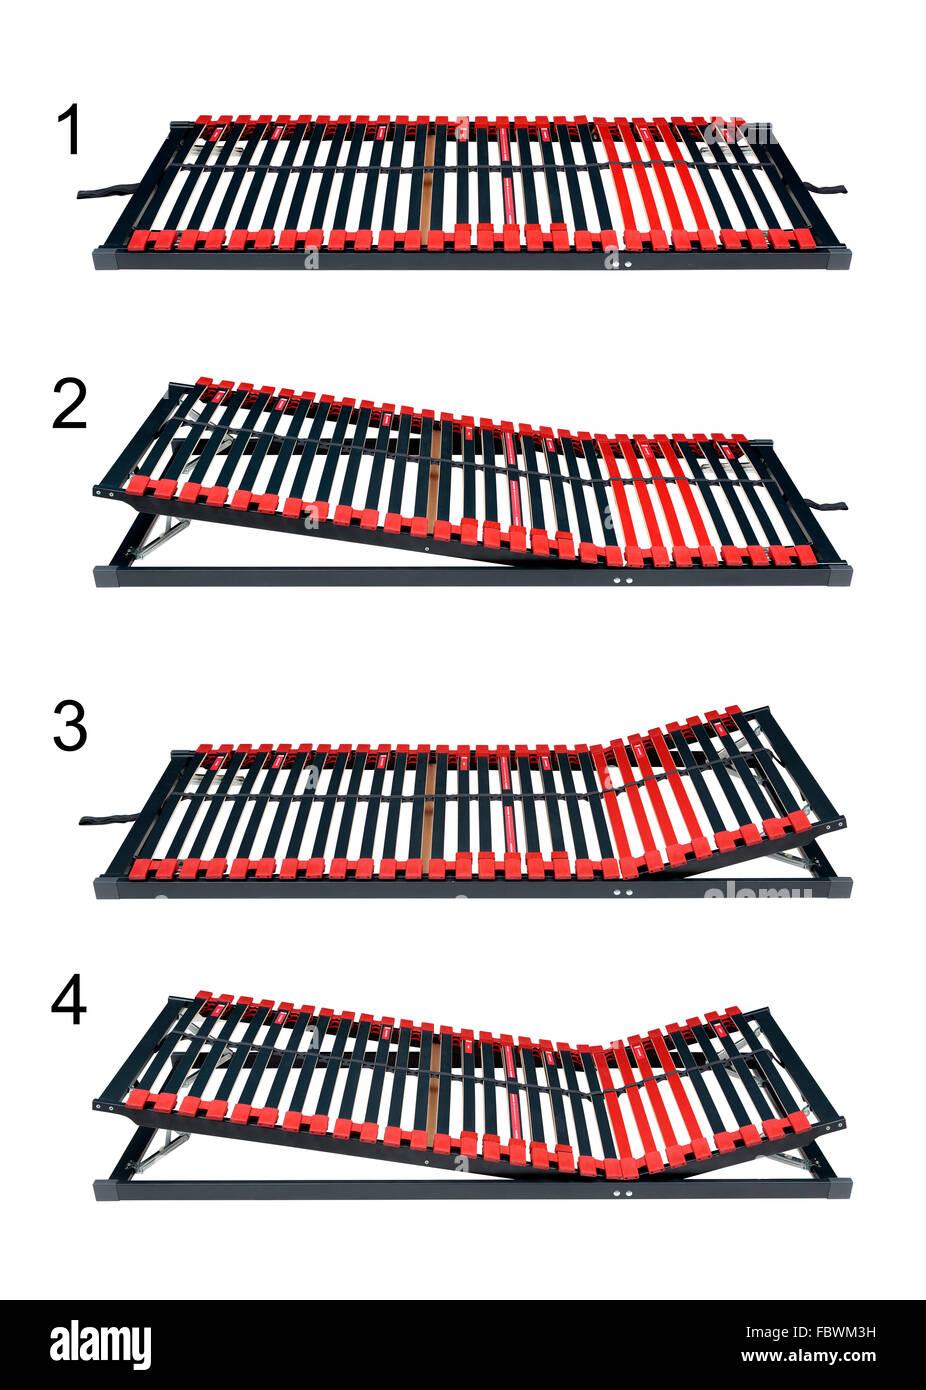 Tablillas para latoflex cama ajustable - el marco de la cama y ...